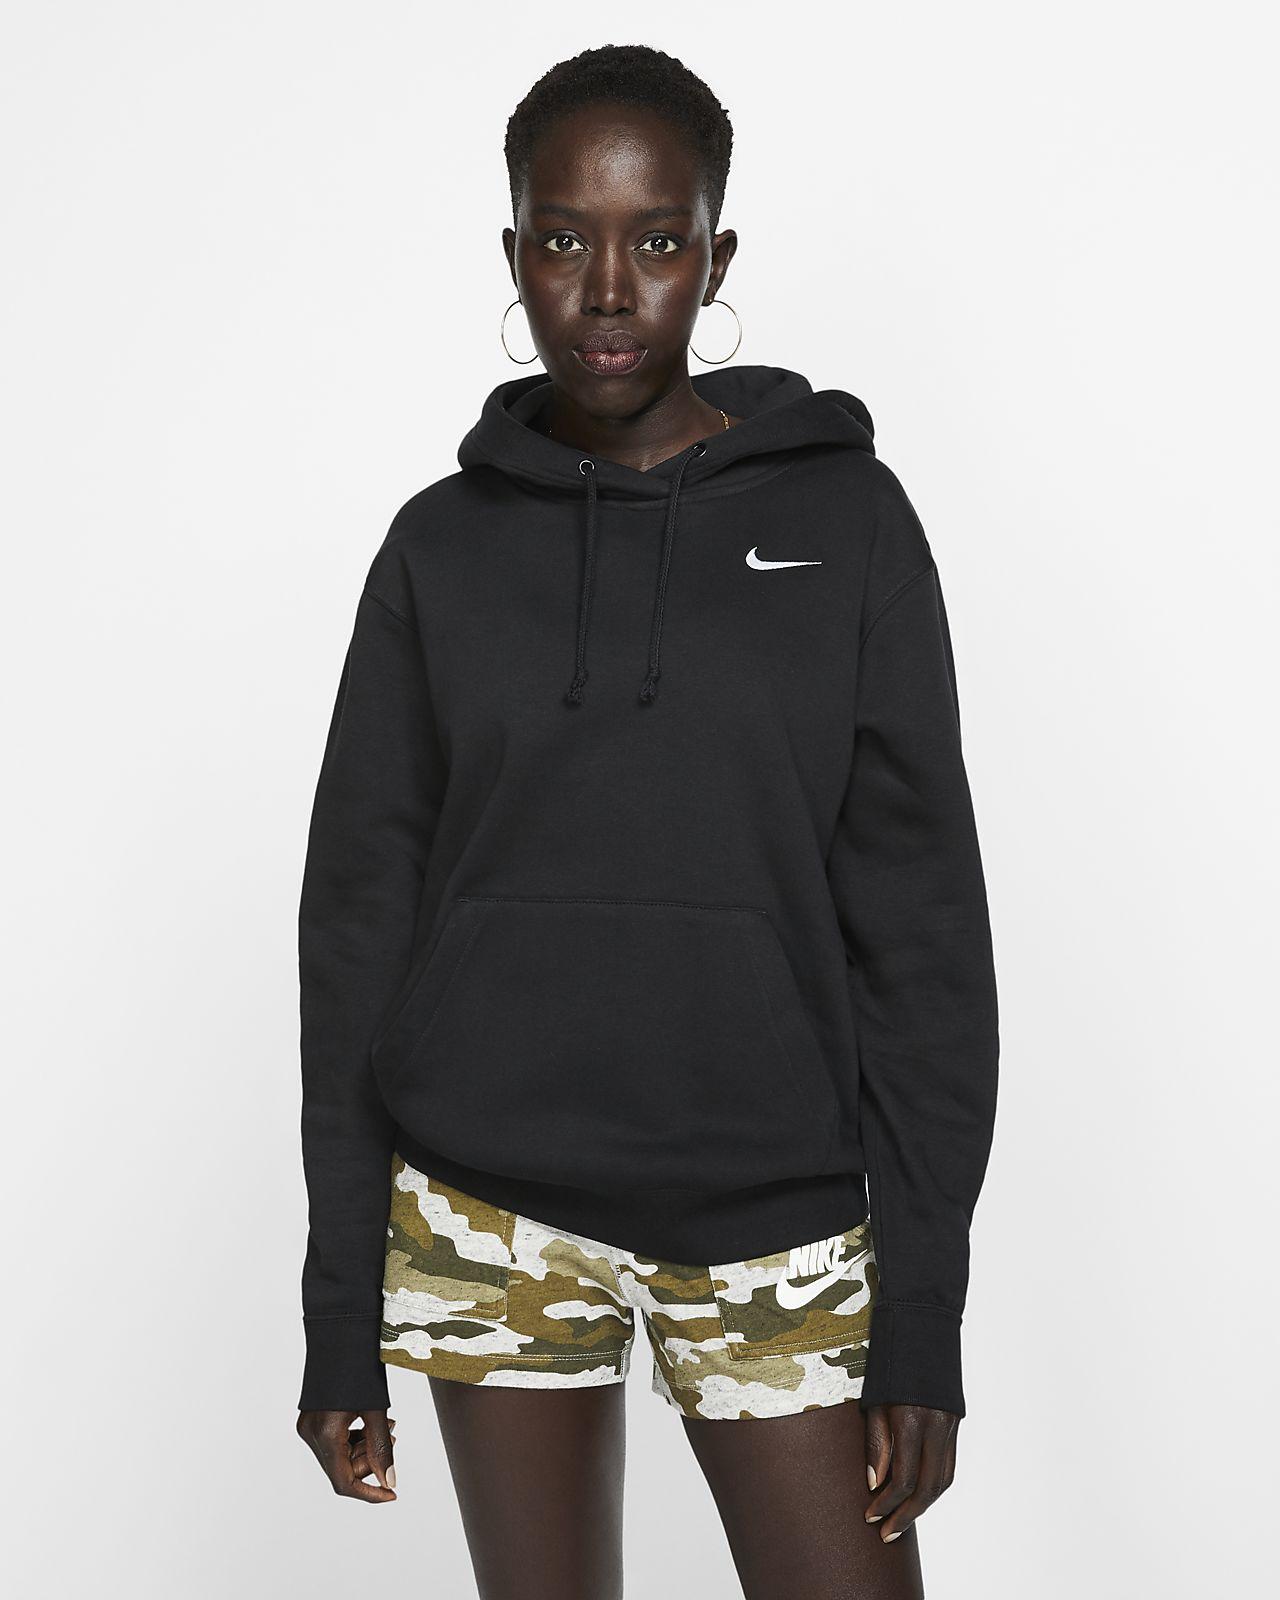 szczegóły oryginalne buty najlepszy Damska dzianinowa bluza z kapturem Nike Sportswear Essential